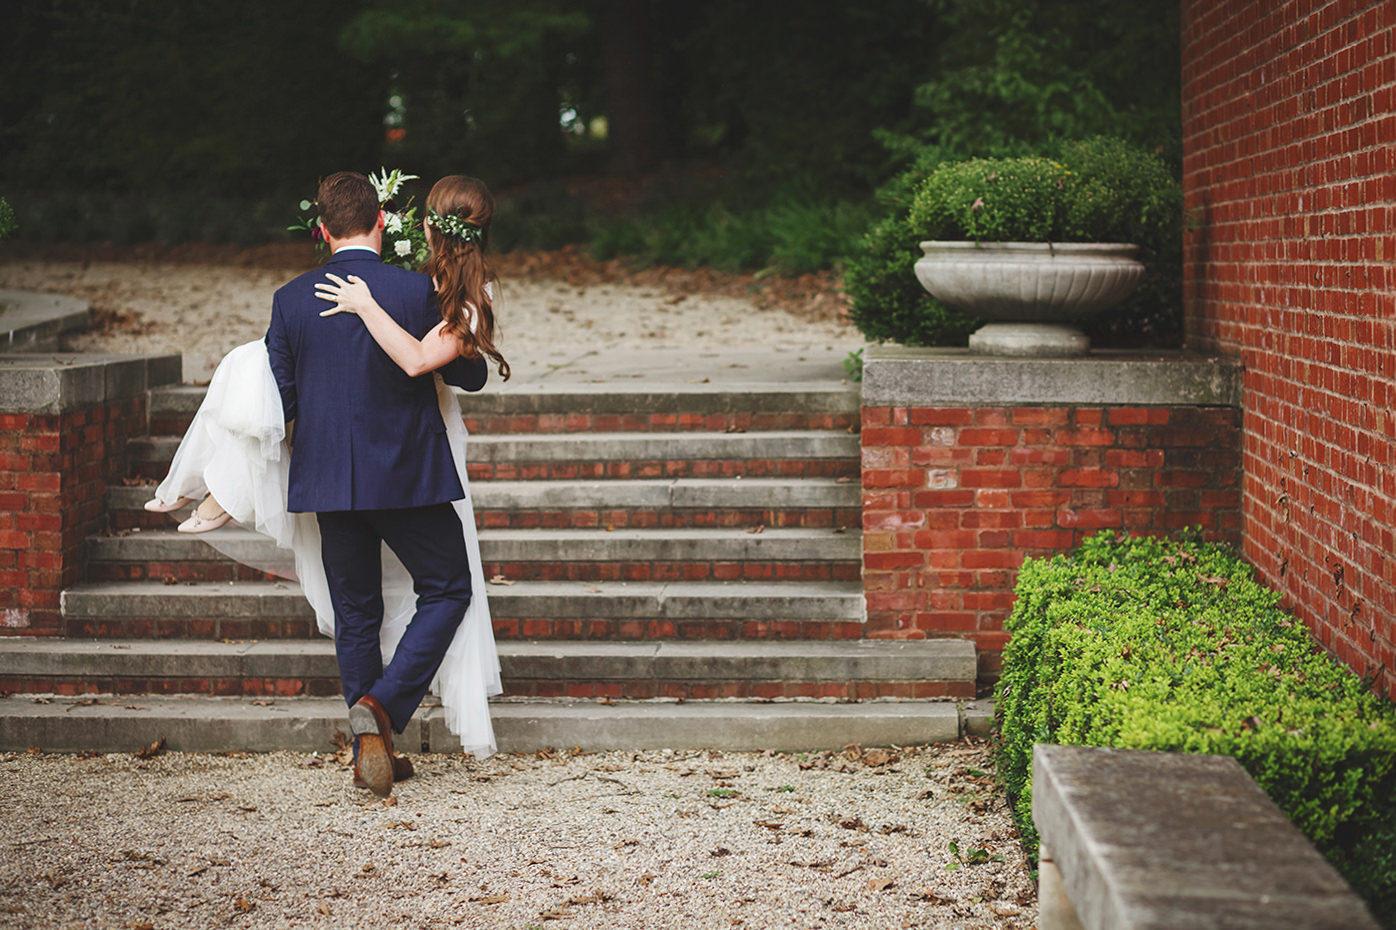 rachael_schirano_photography_wedding-22